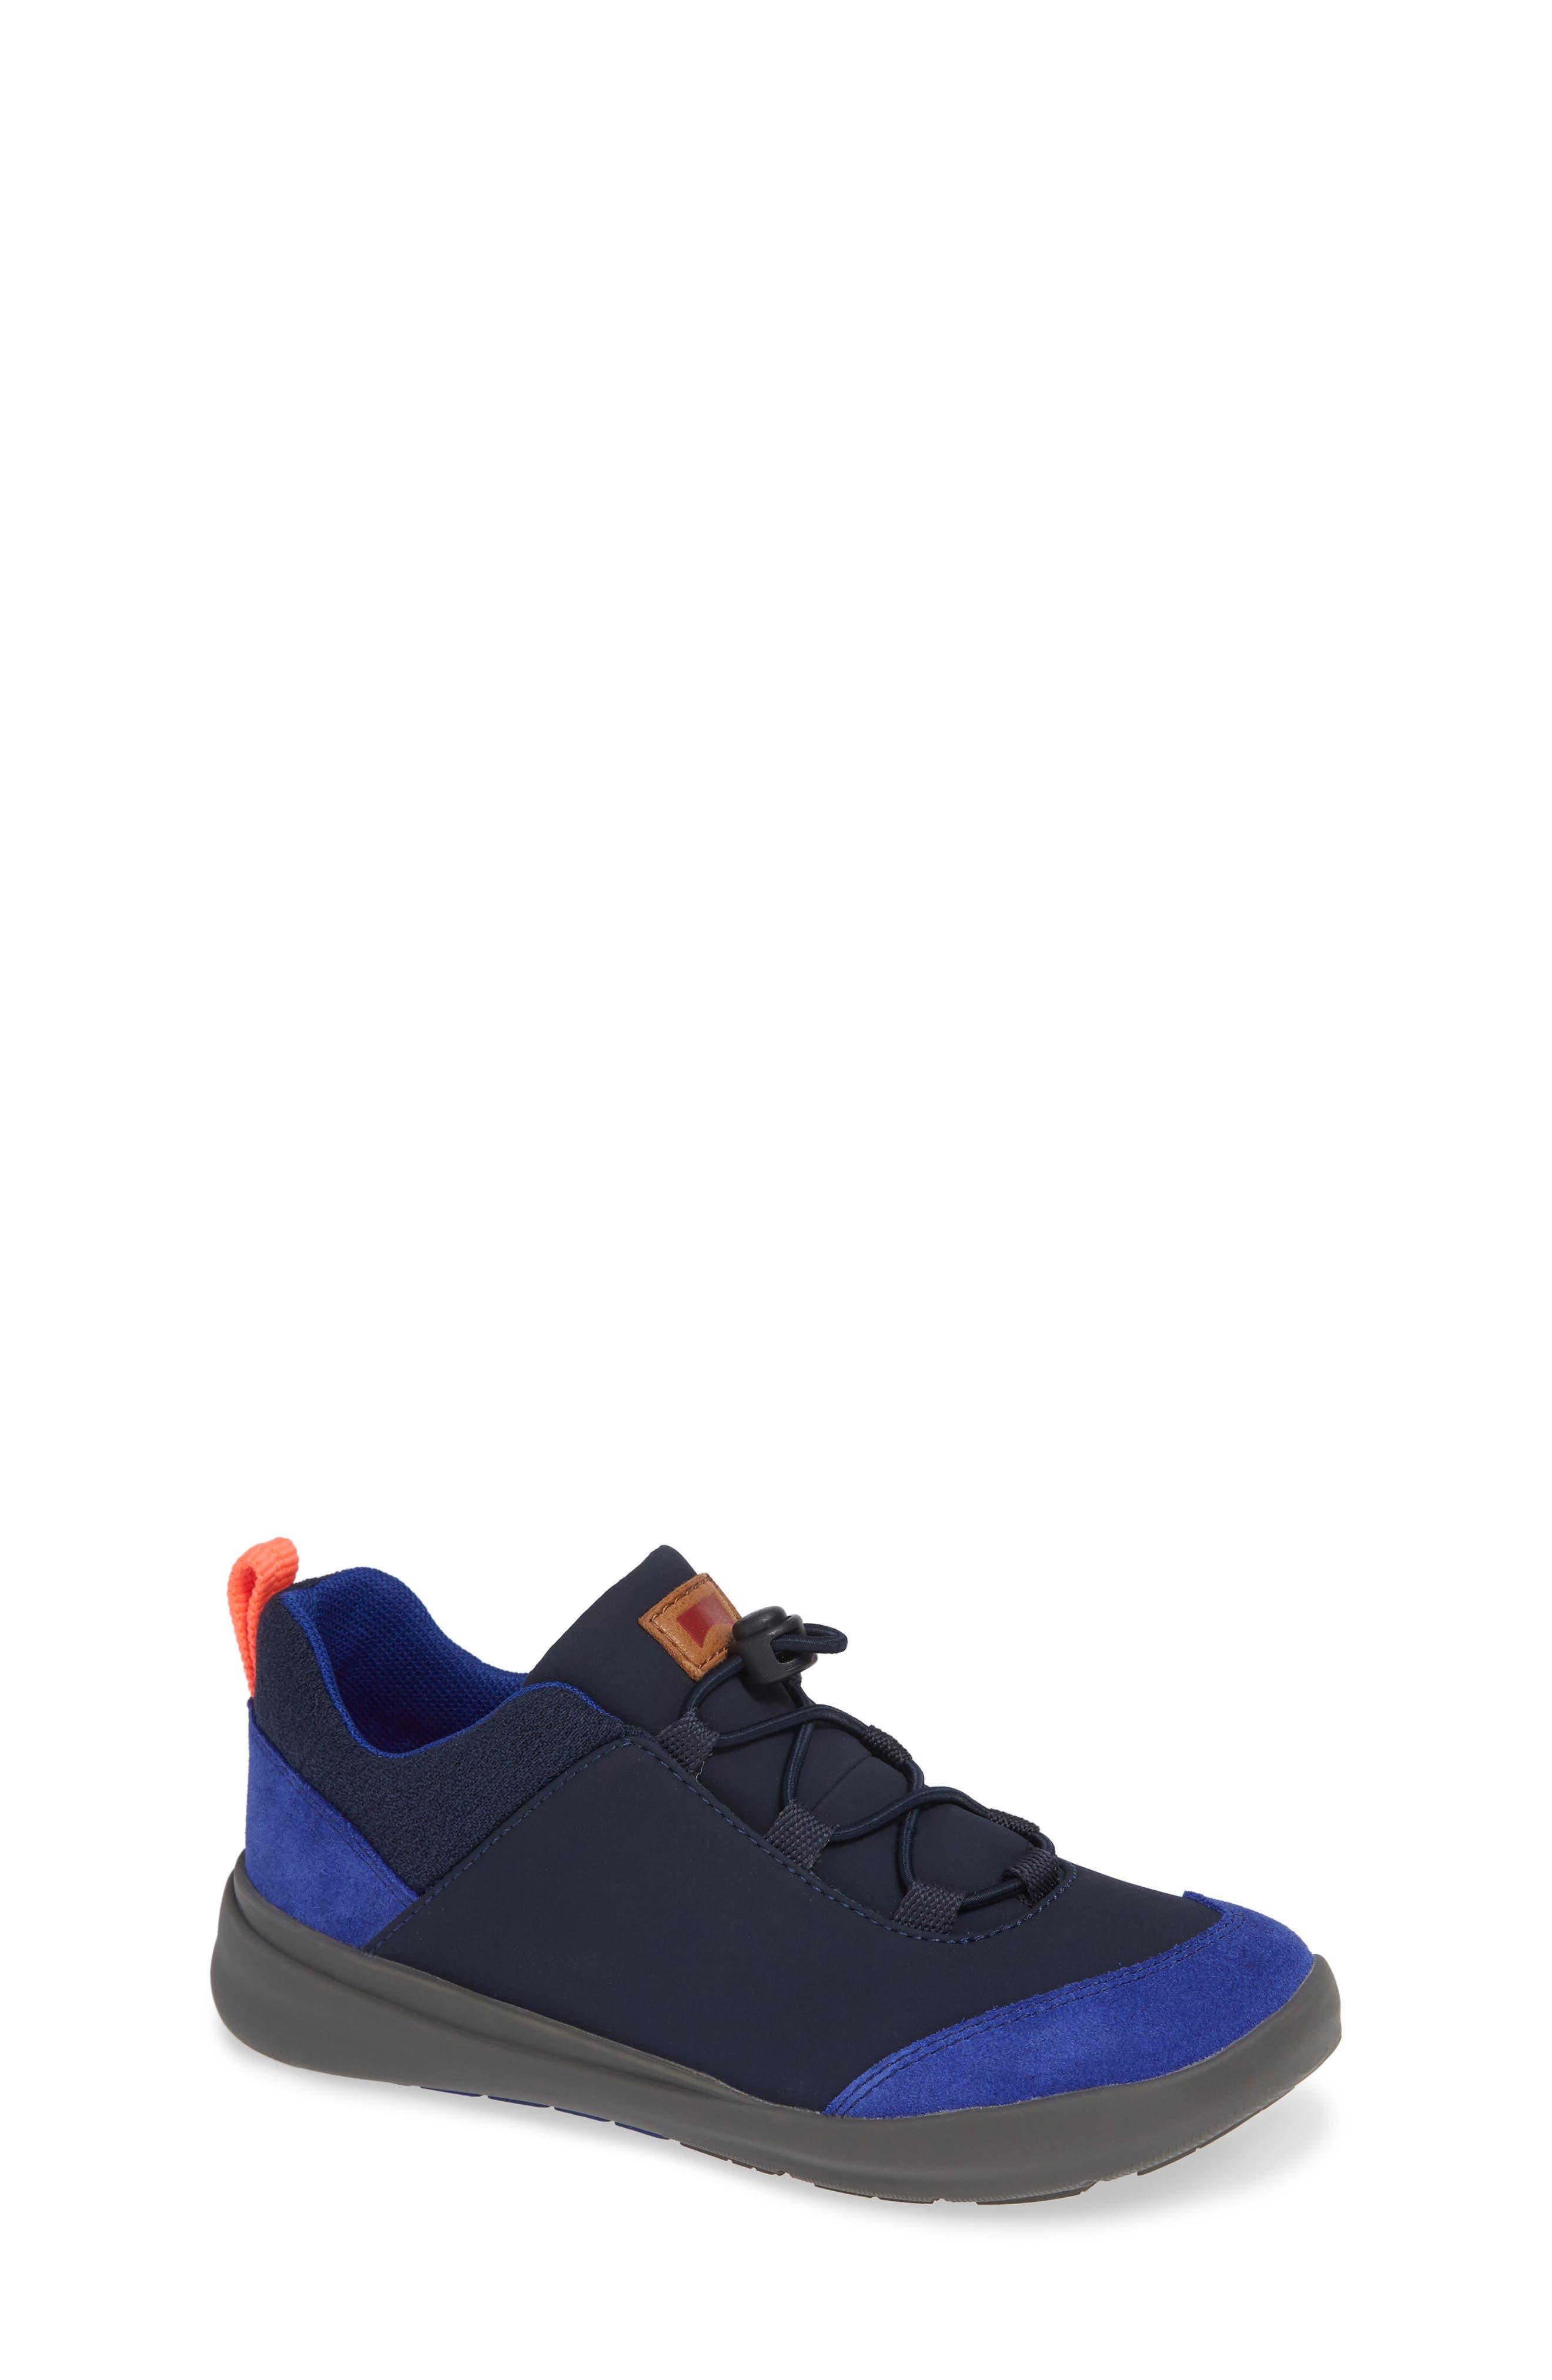 Ergo Hybrid Sneaker,                             Main thumbnail 1, color,                             BLUE MULTI